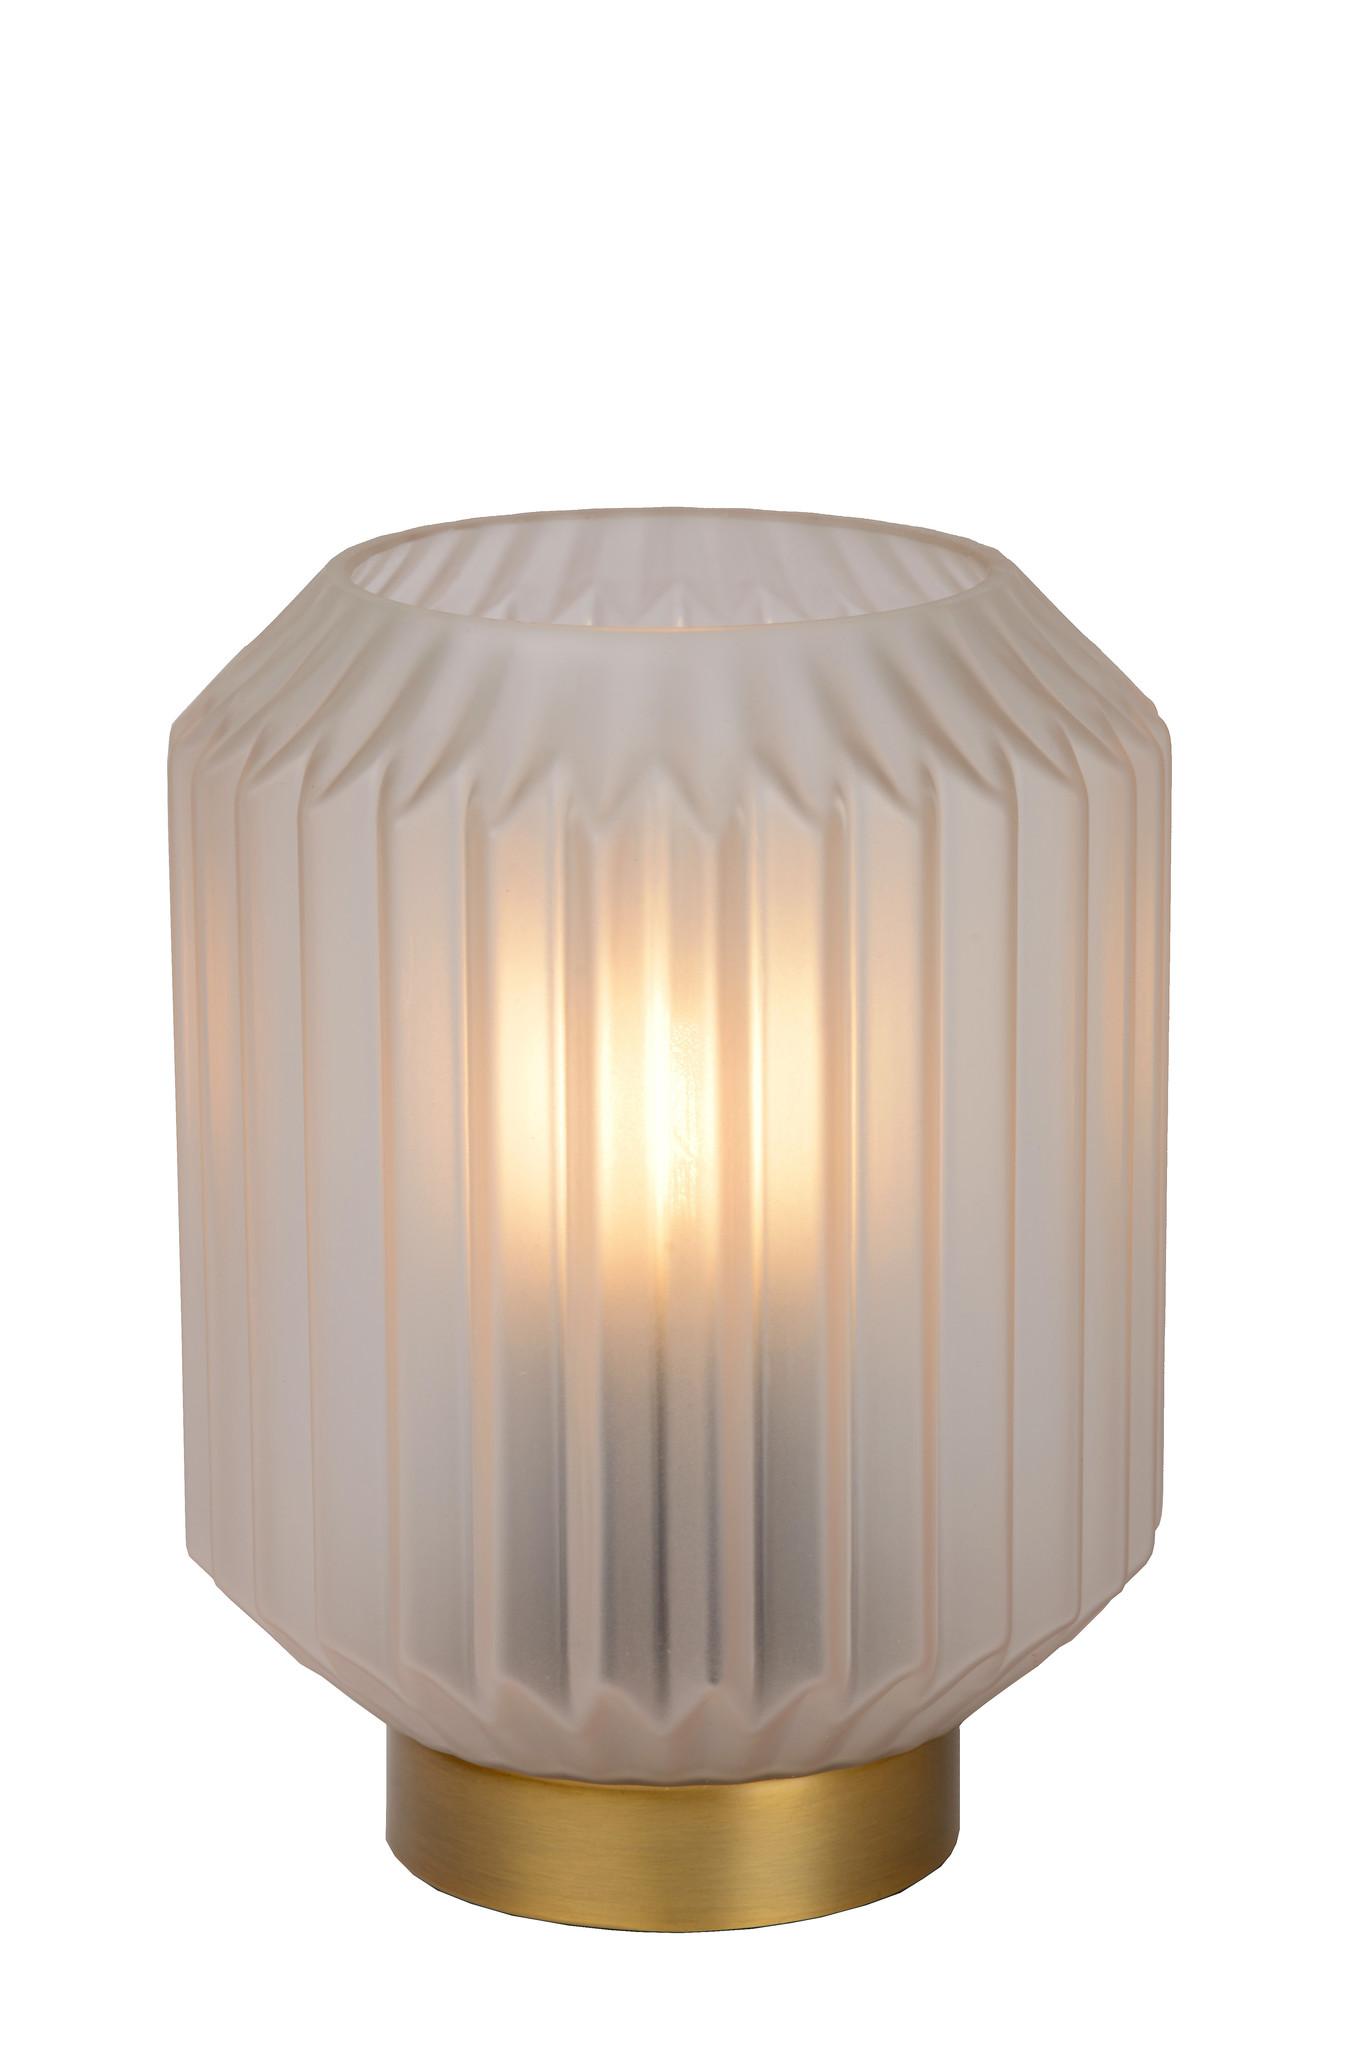 Lucide SUENO Tafellamp-Wit-Ø13-1xE14-40W-Glas